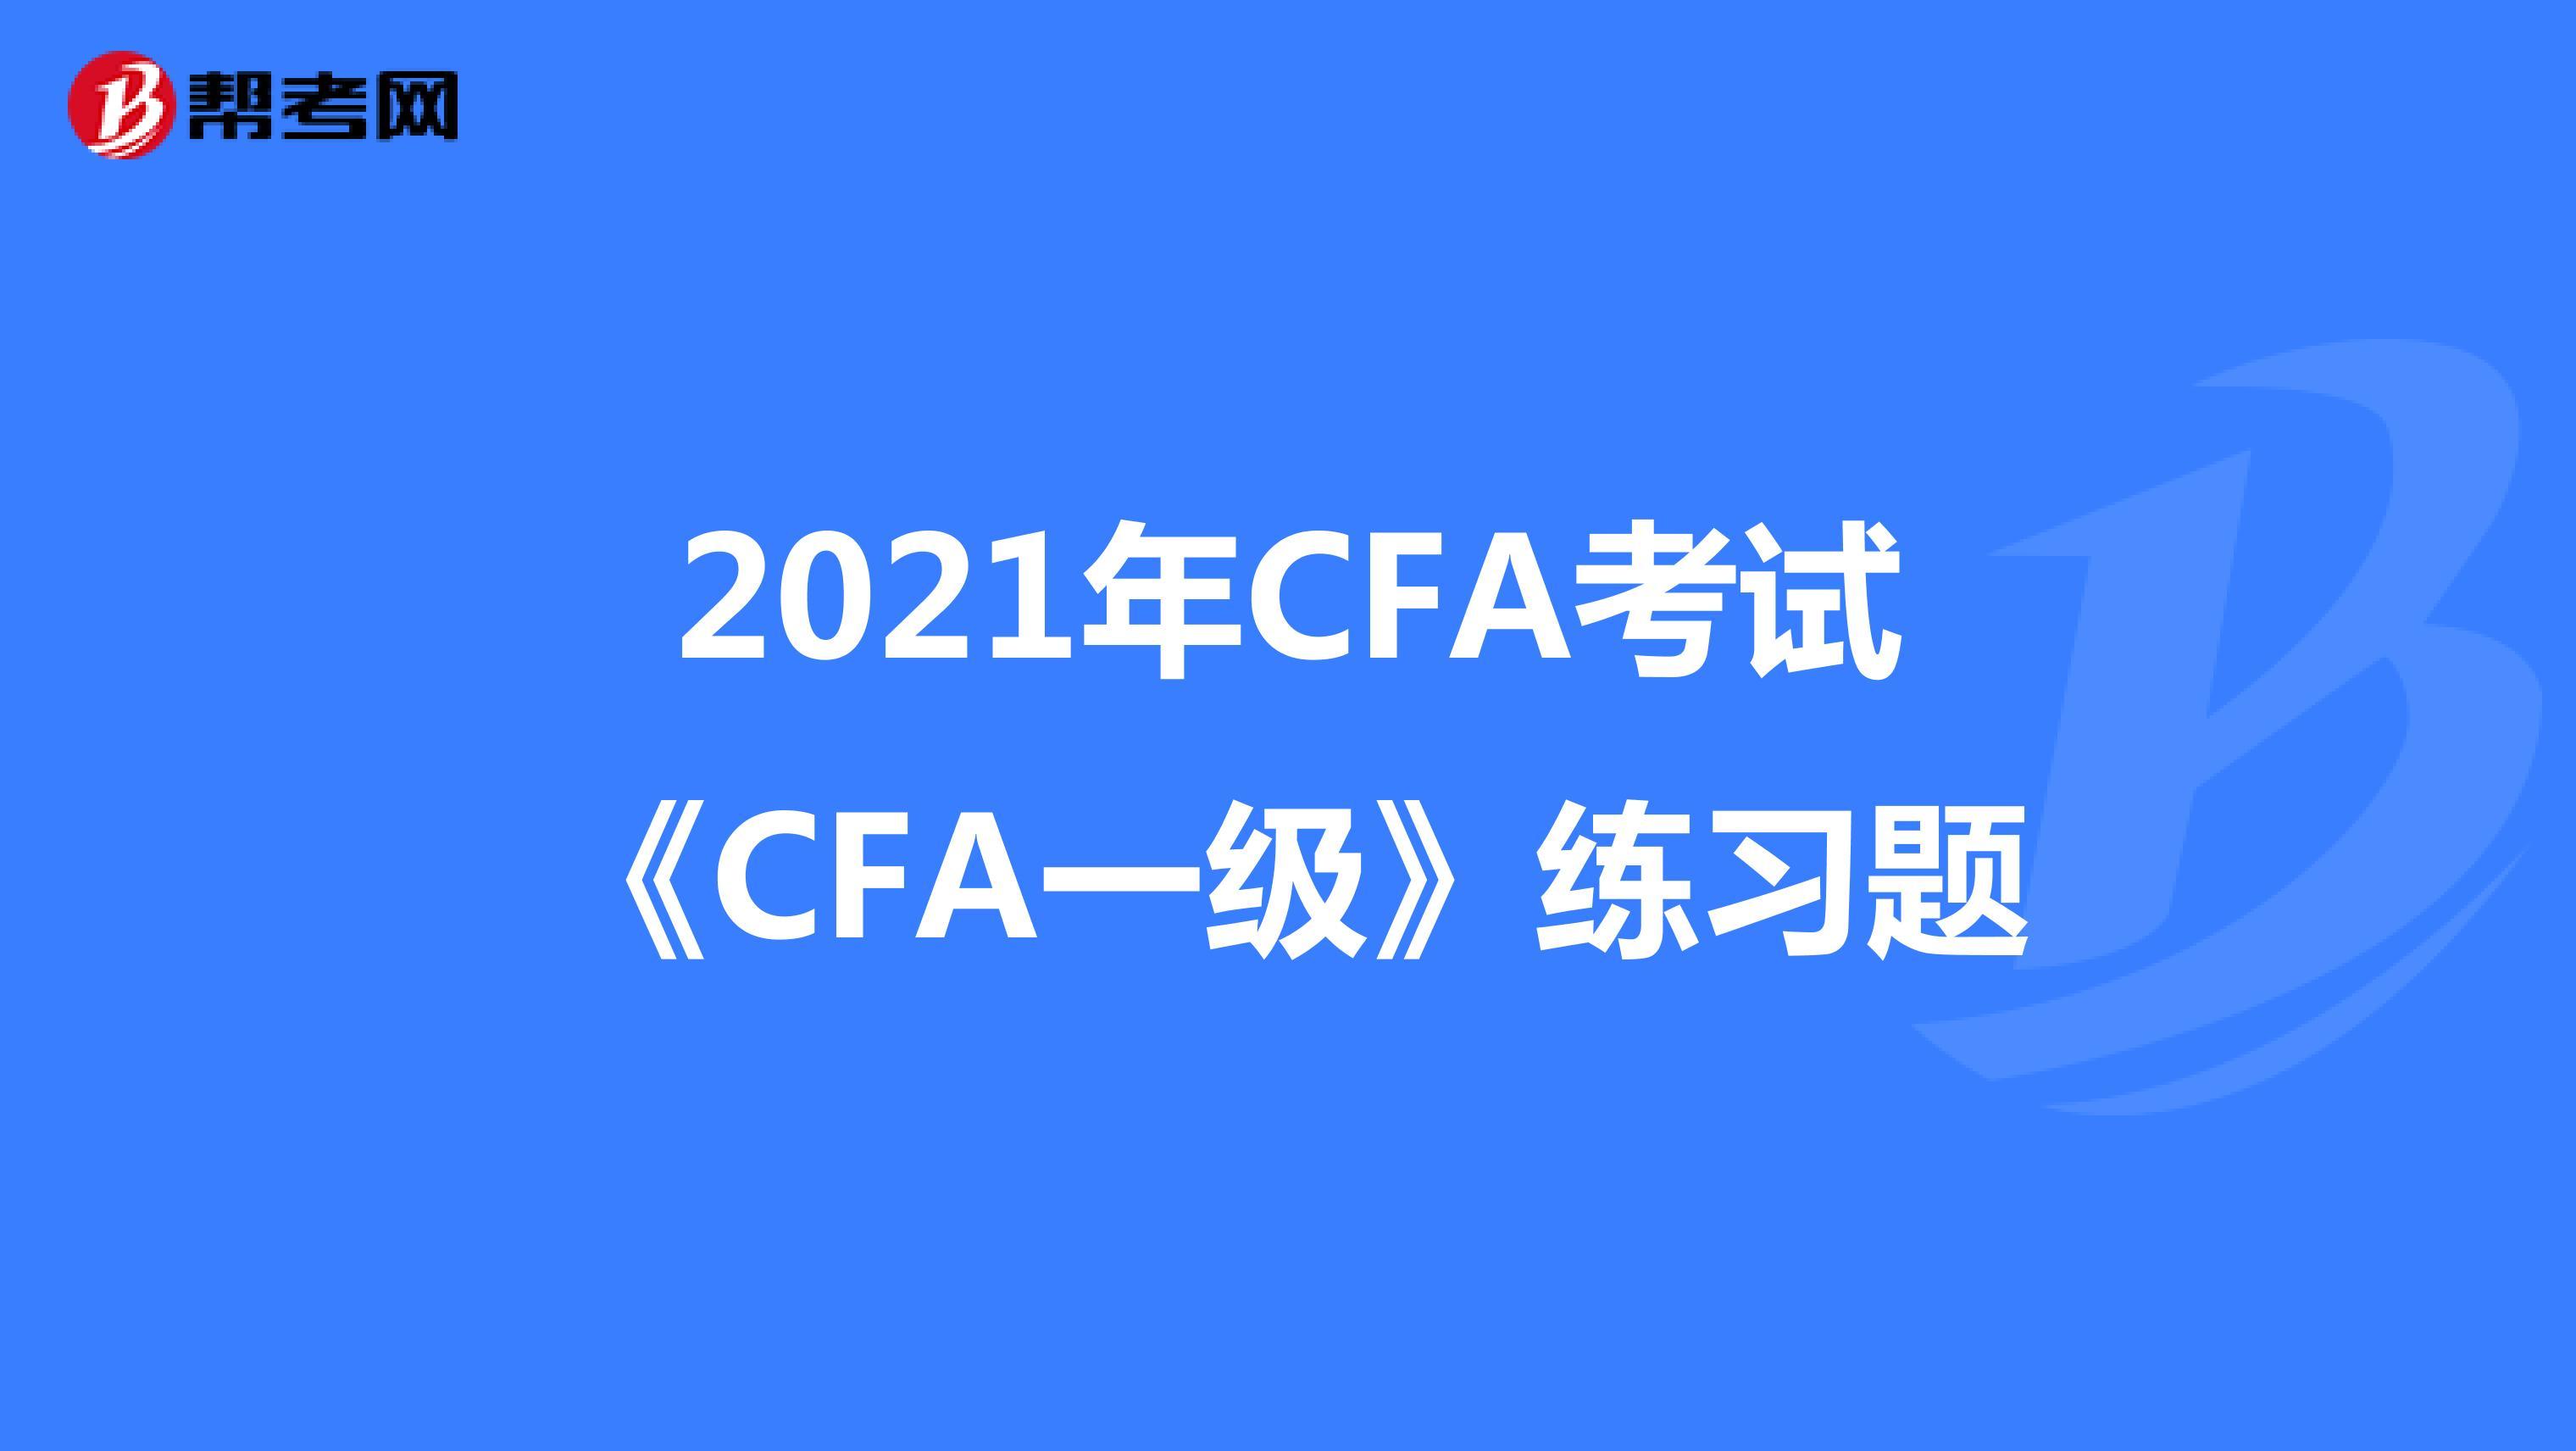 2021年CFA考试《CFA一级》练习题